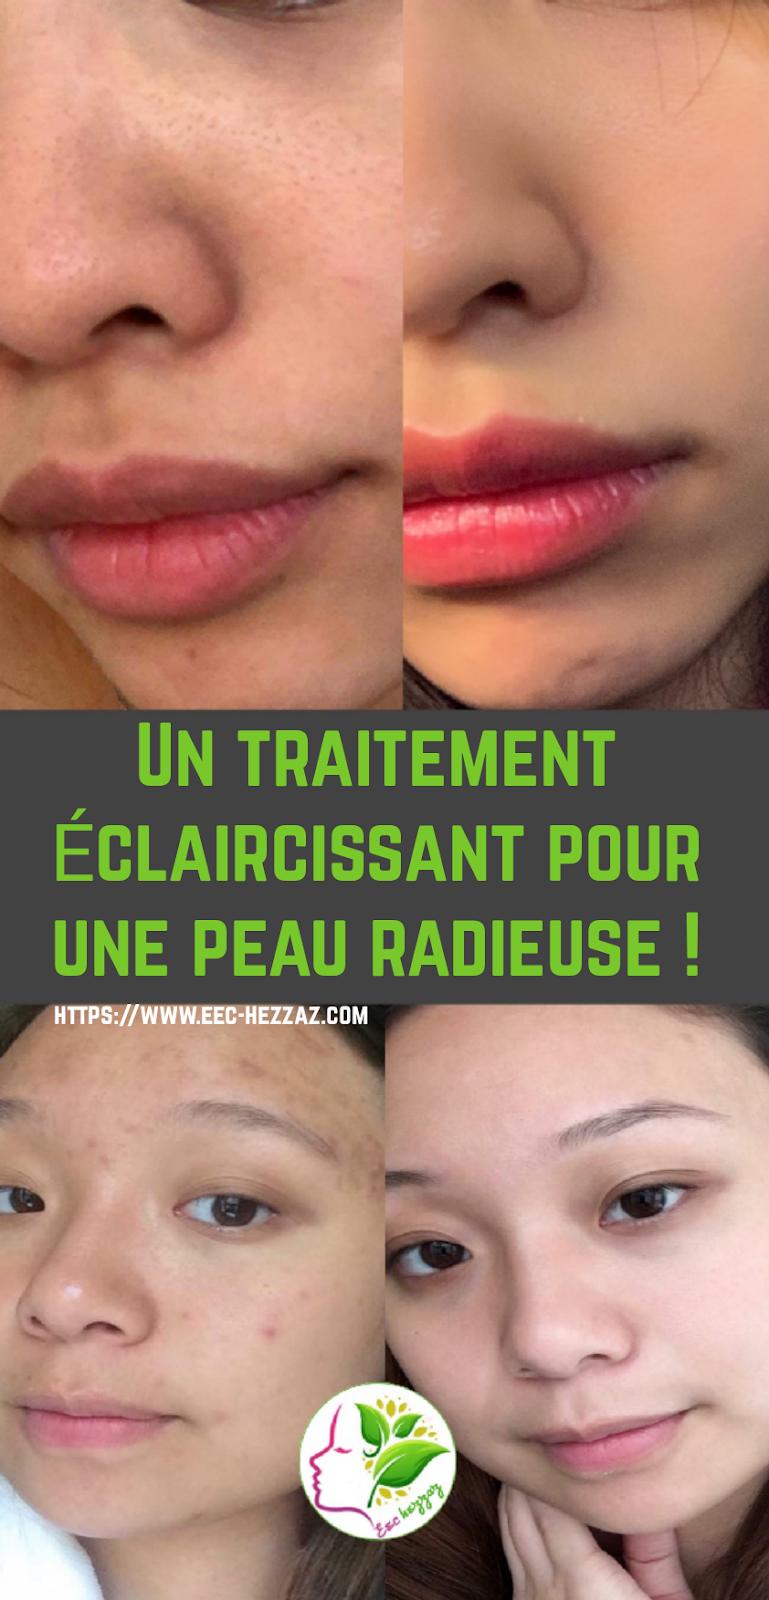 Un traitement éclaircissant pour une peau radieuse !